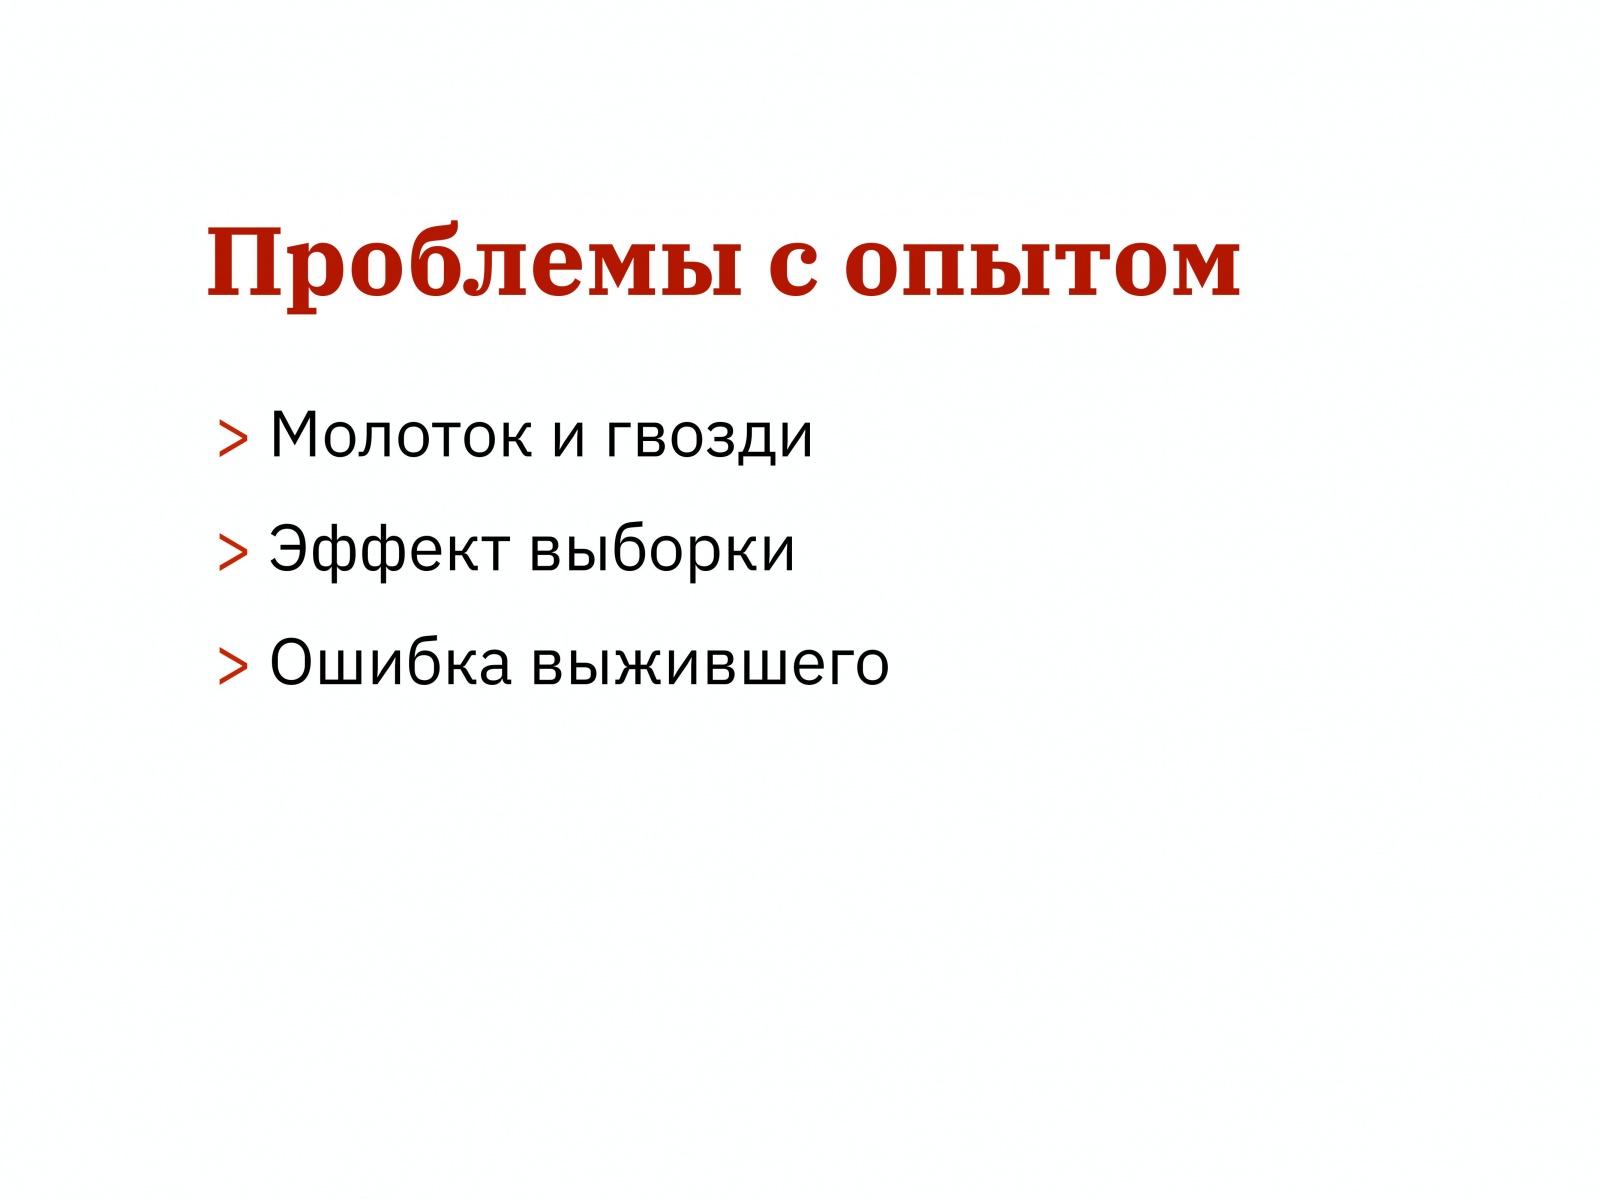 Алексей Каптерев: Критическое мышление 101 (часть 2) - 40